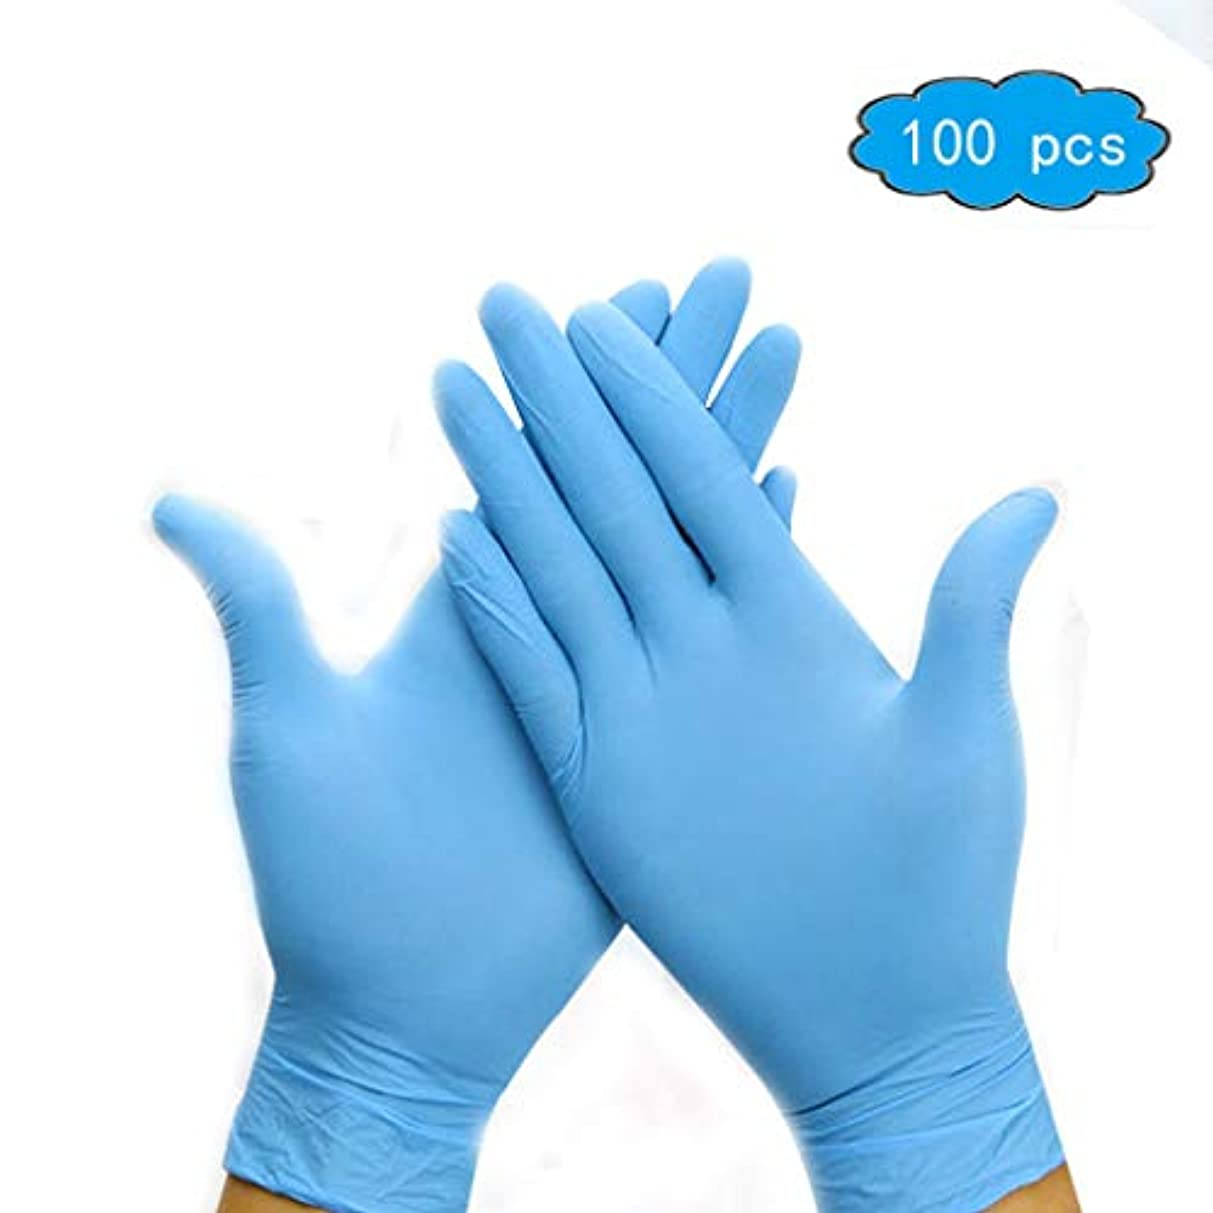 失うひどく吸収使い捨てニトリル手袋 - パウダーフリー、ラテックスフリー、メディカル試験グレード、無菌、Ambidextrous - テクスチャード加工のソフト - クールブルー(中、1パック、100カウント)、手?腕の保護 (Color...